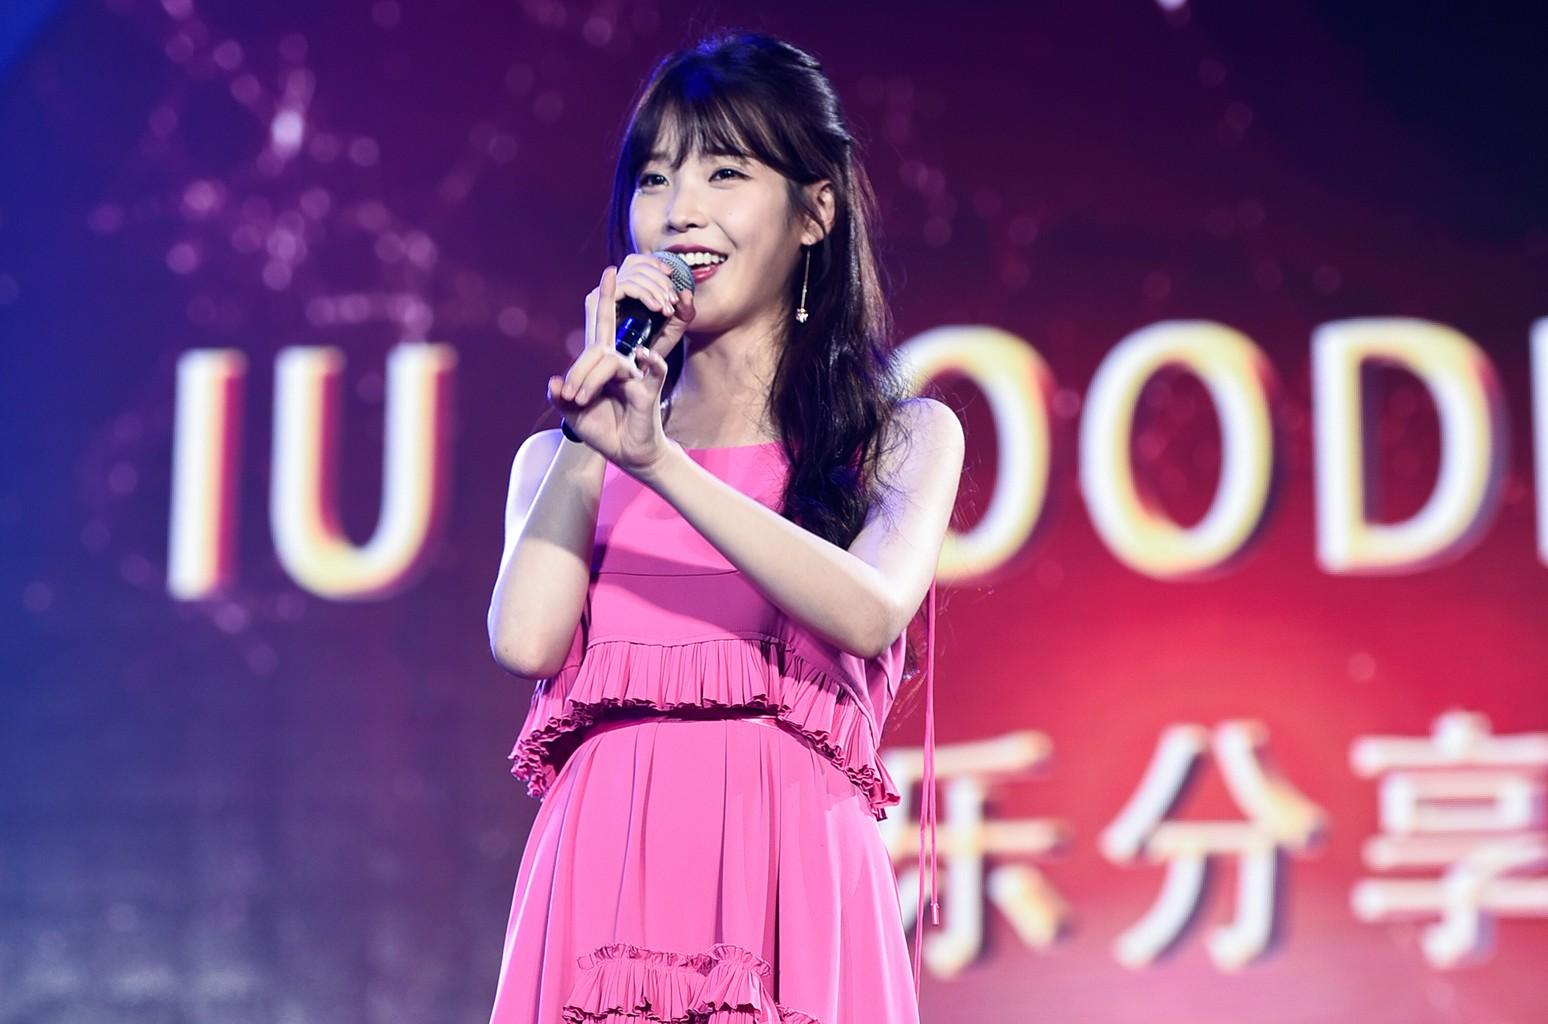 IU Lee Ji-eun